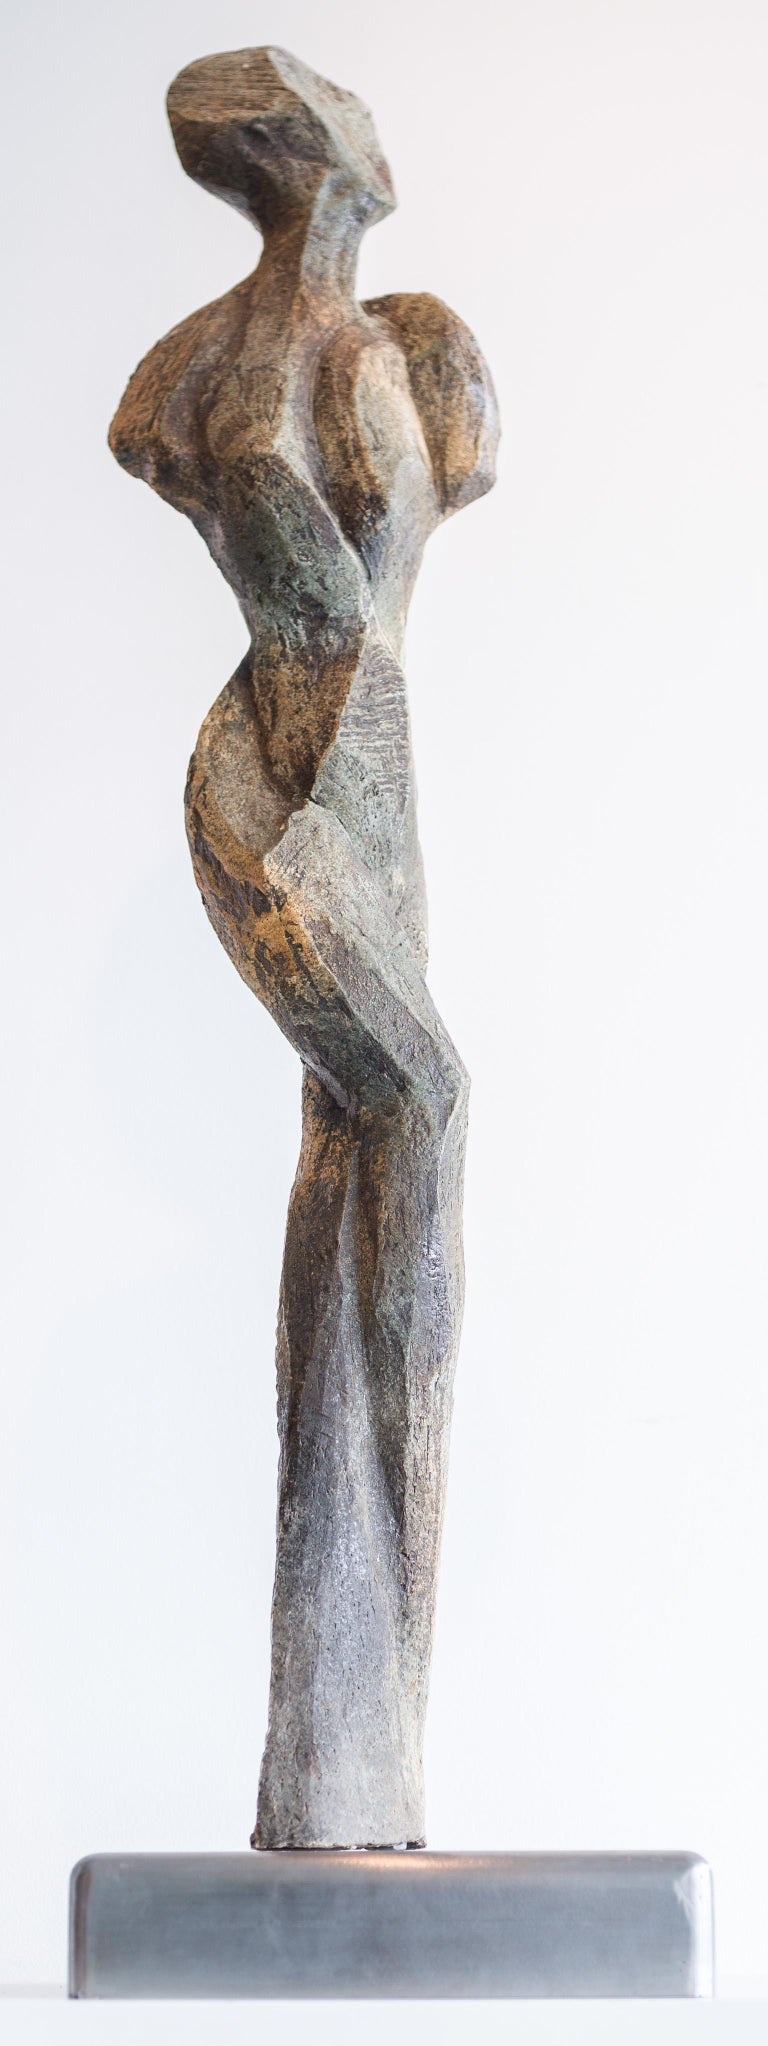 Sheila Ganch Figurative Sculpture - Sublime